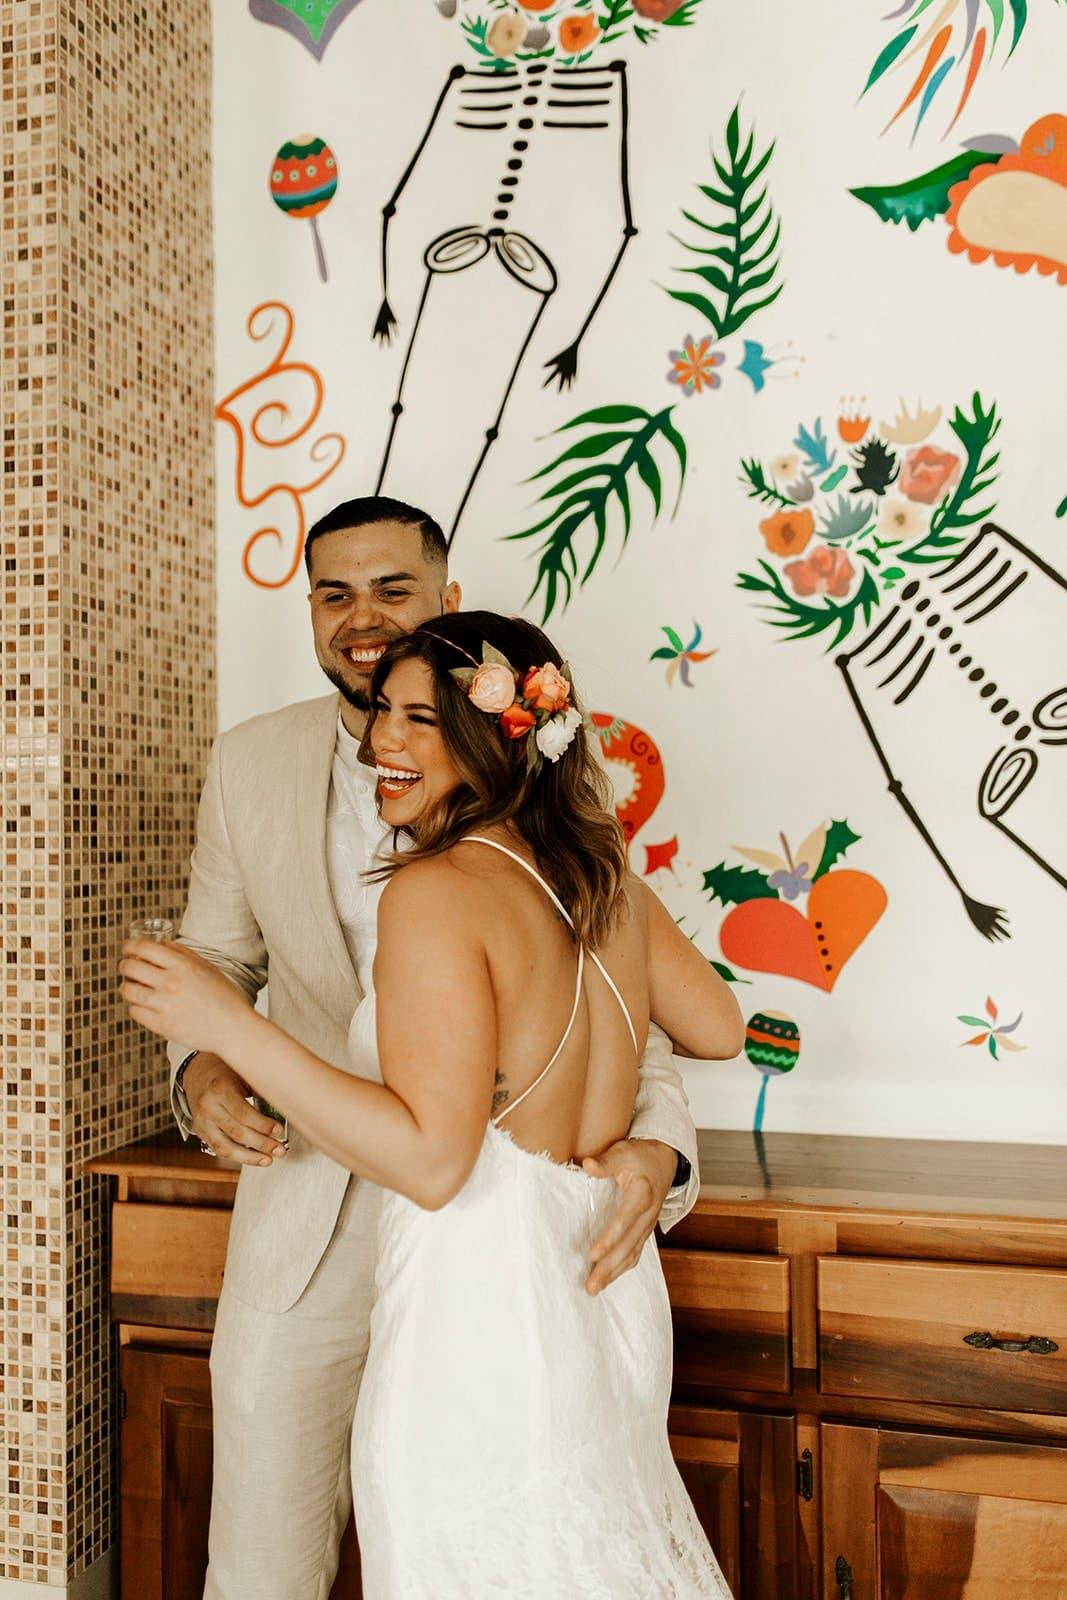 couple enjoying their wedding day